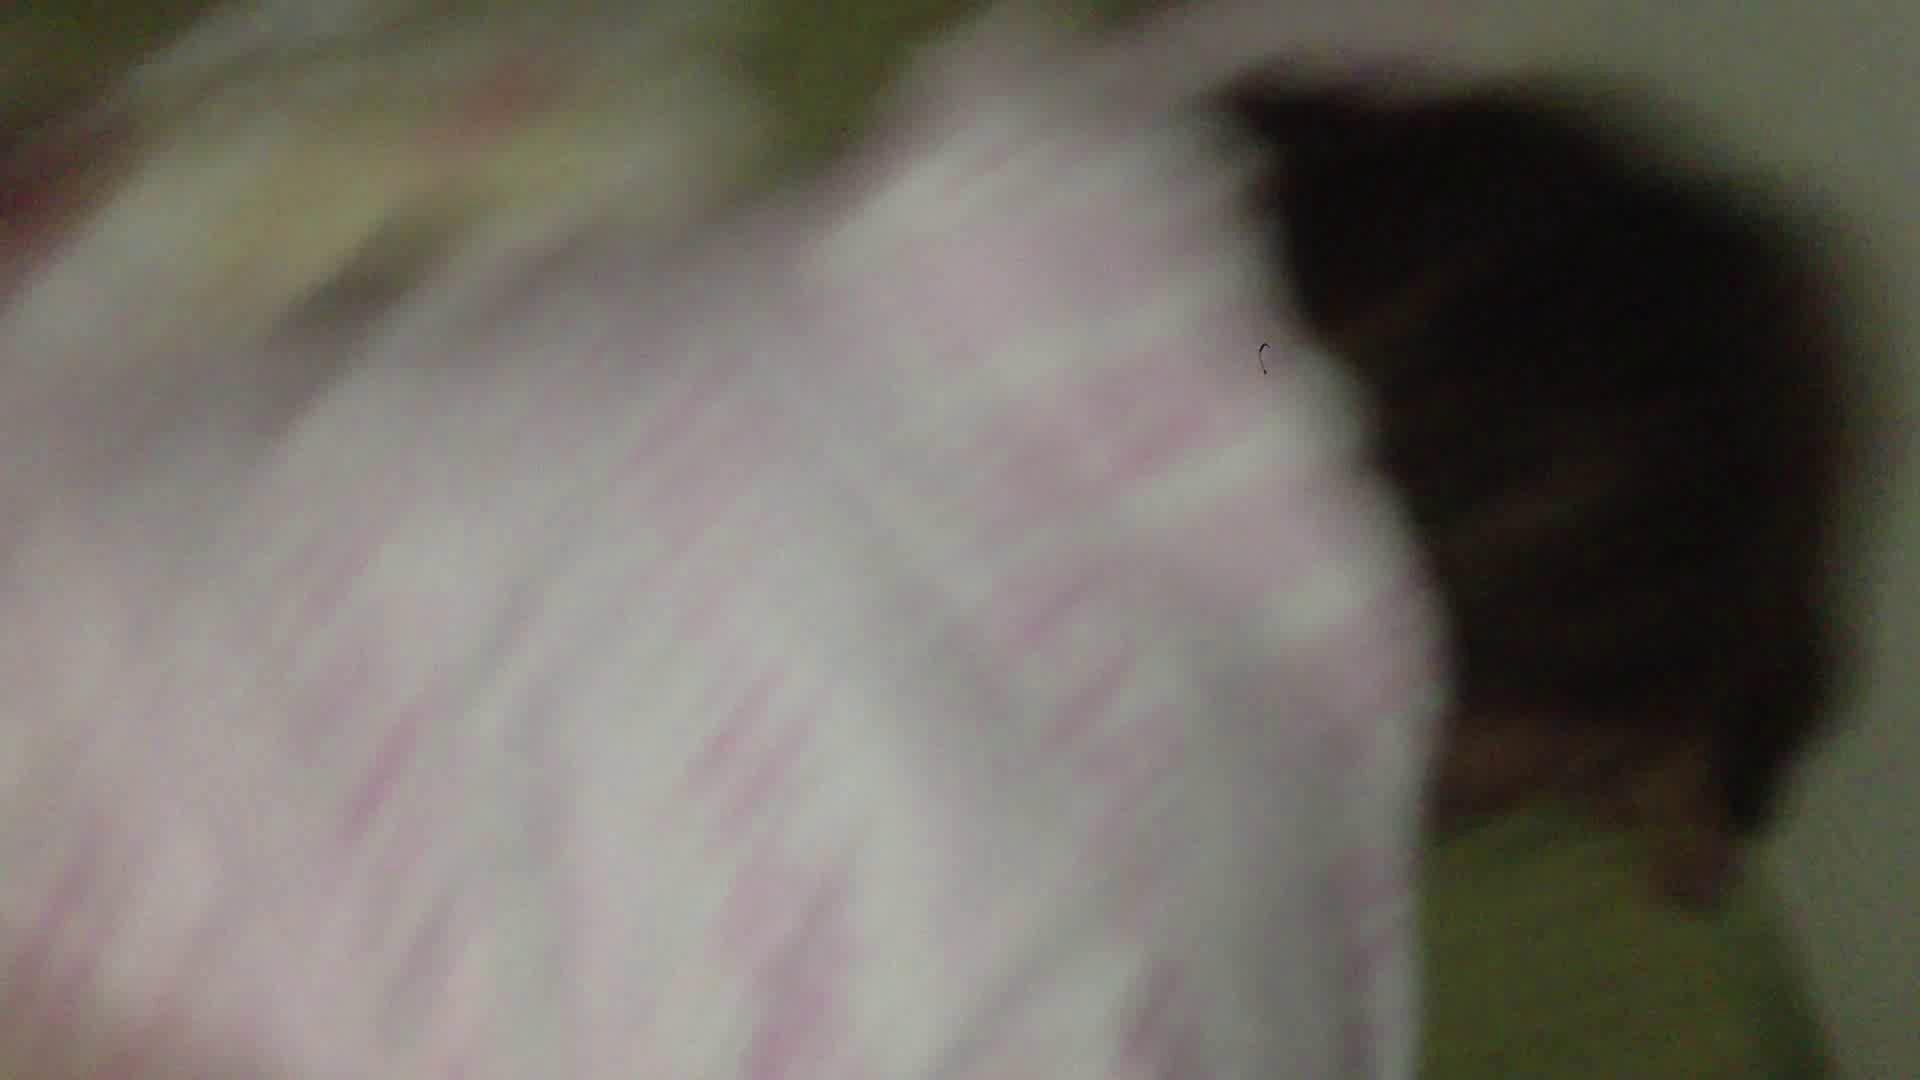 上級者の方専用 vol.03 OLセックス | 0  82画像 71